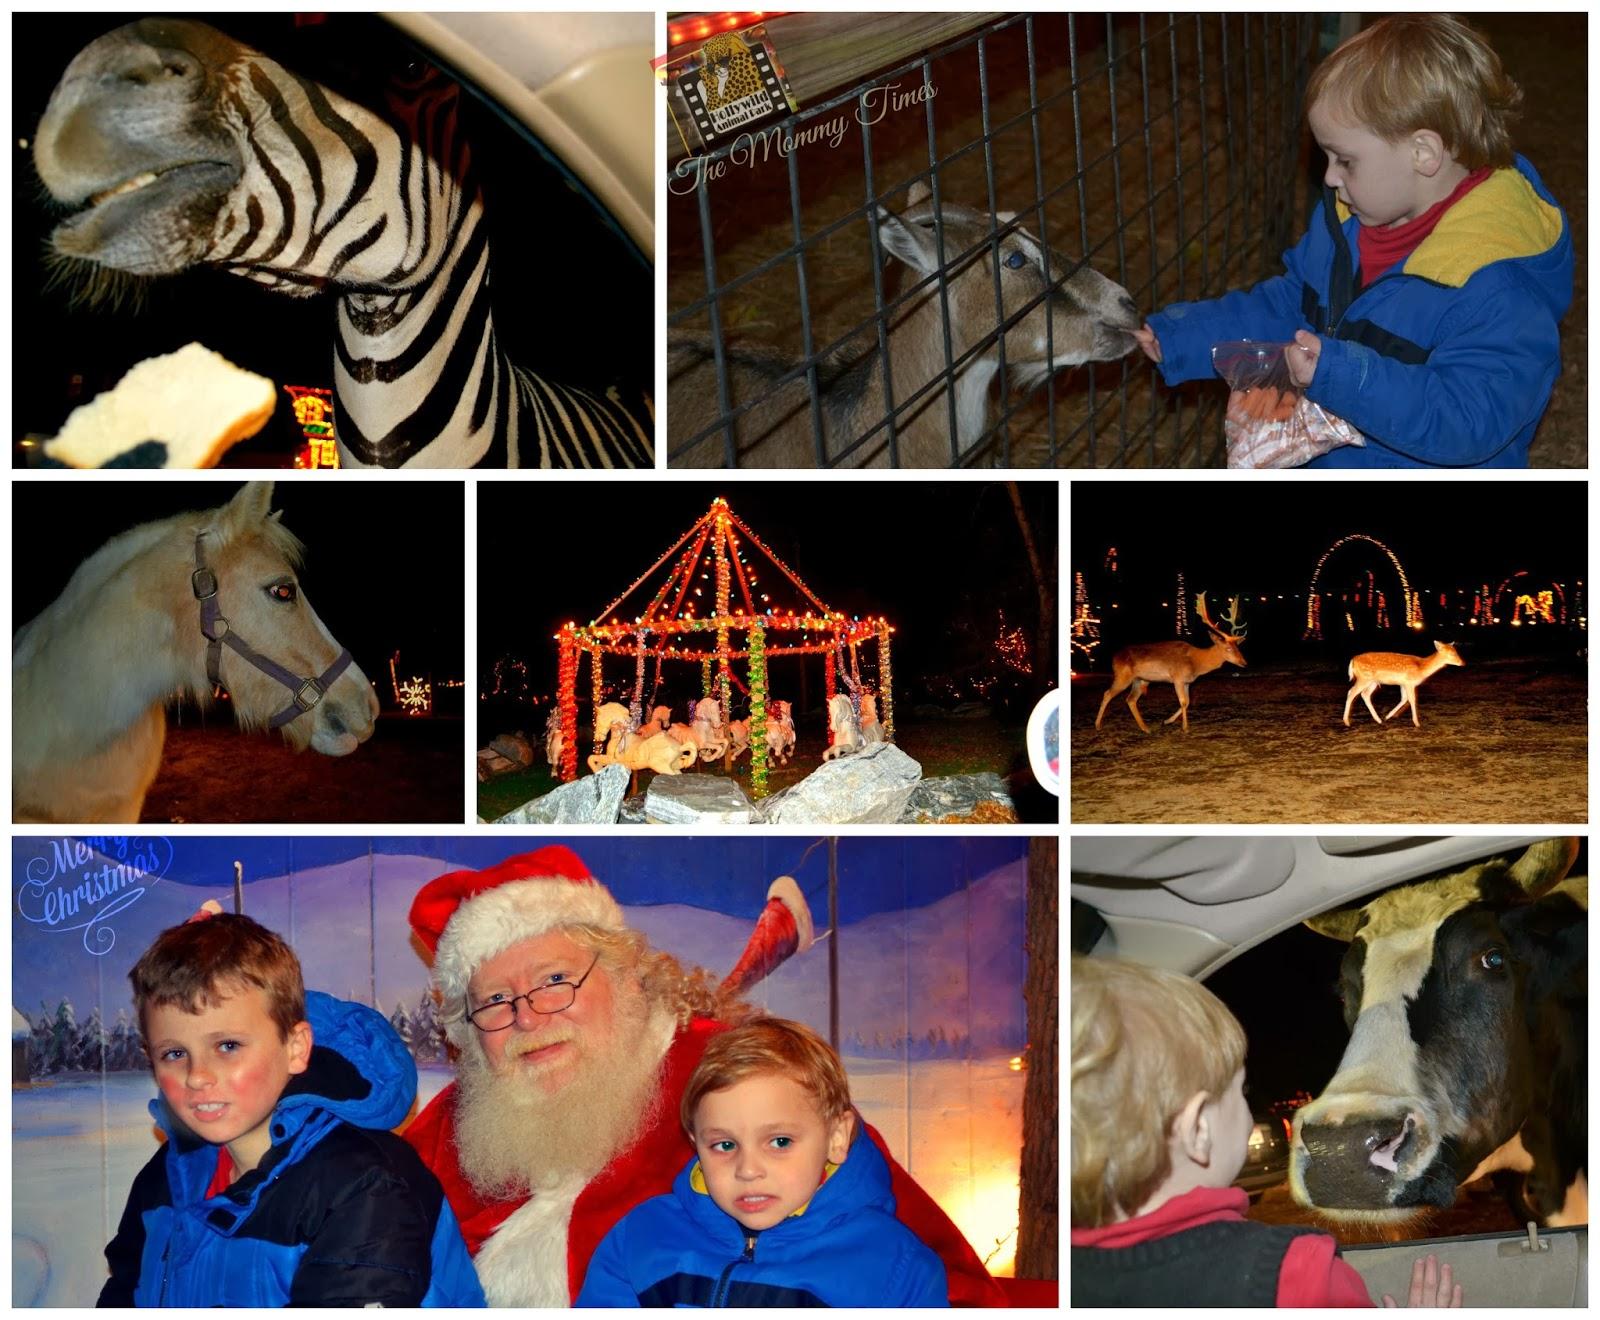 Enjoy the Holiday Lights Safari Benefit at Hollywild this season ...